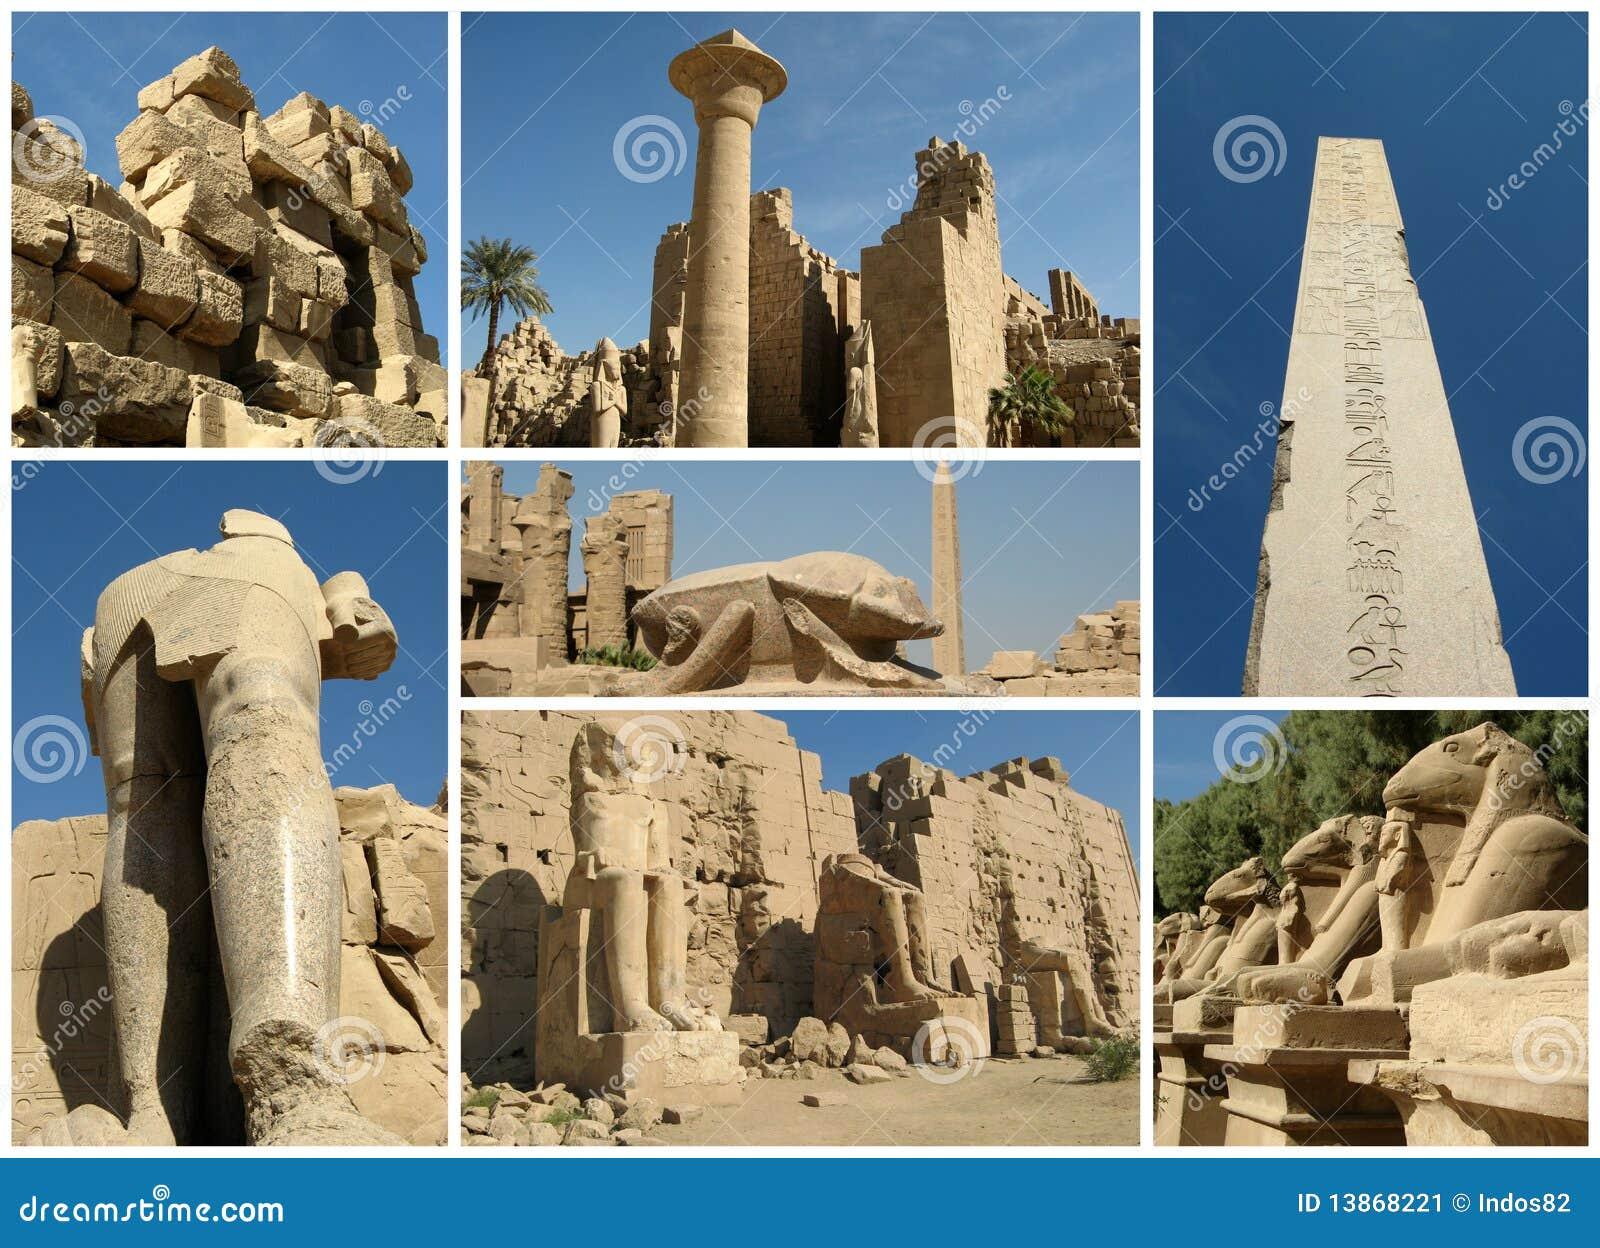 Collage de Egipto